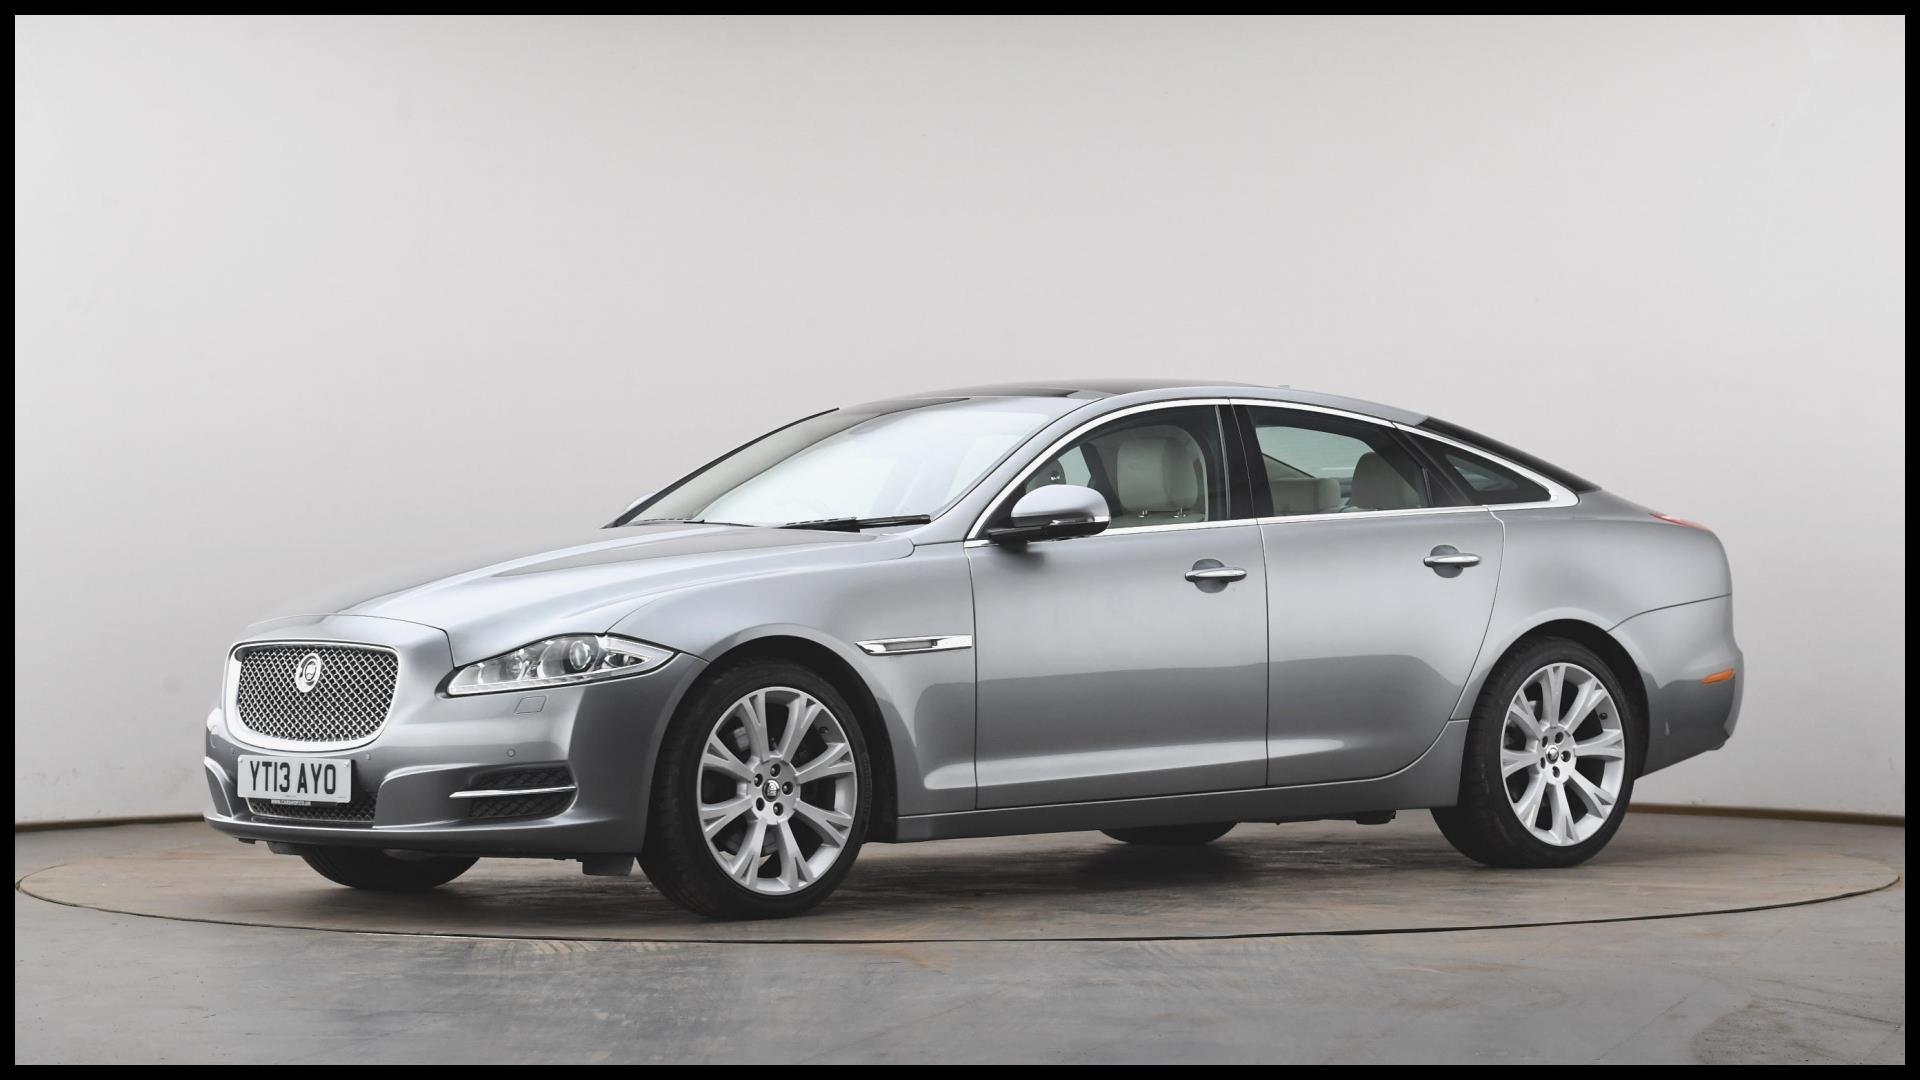 Used Cars Fremont Unique New Jaguar